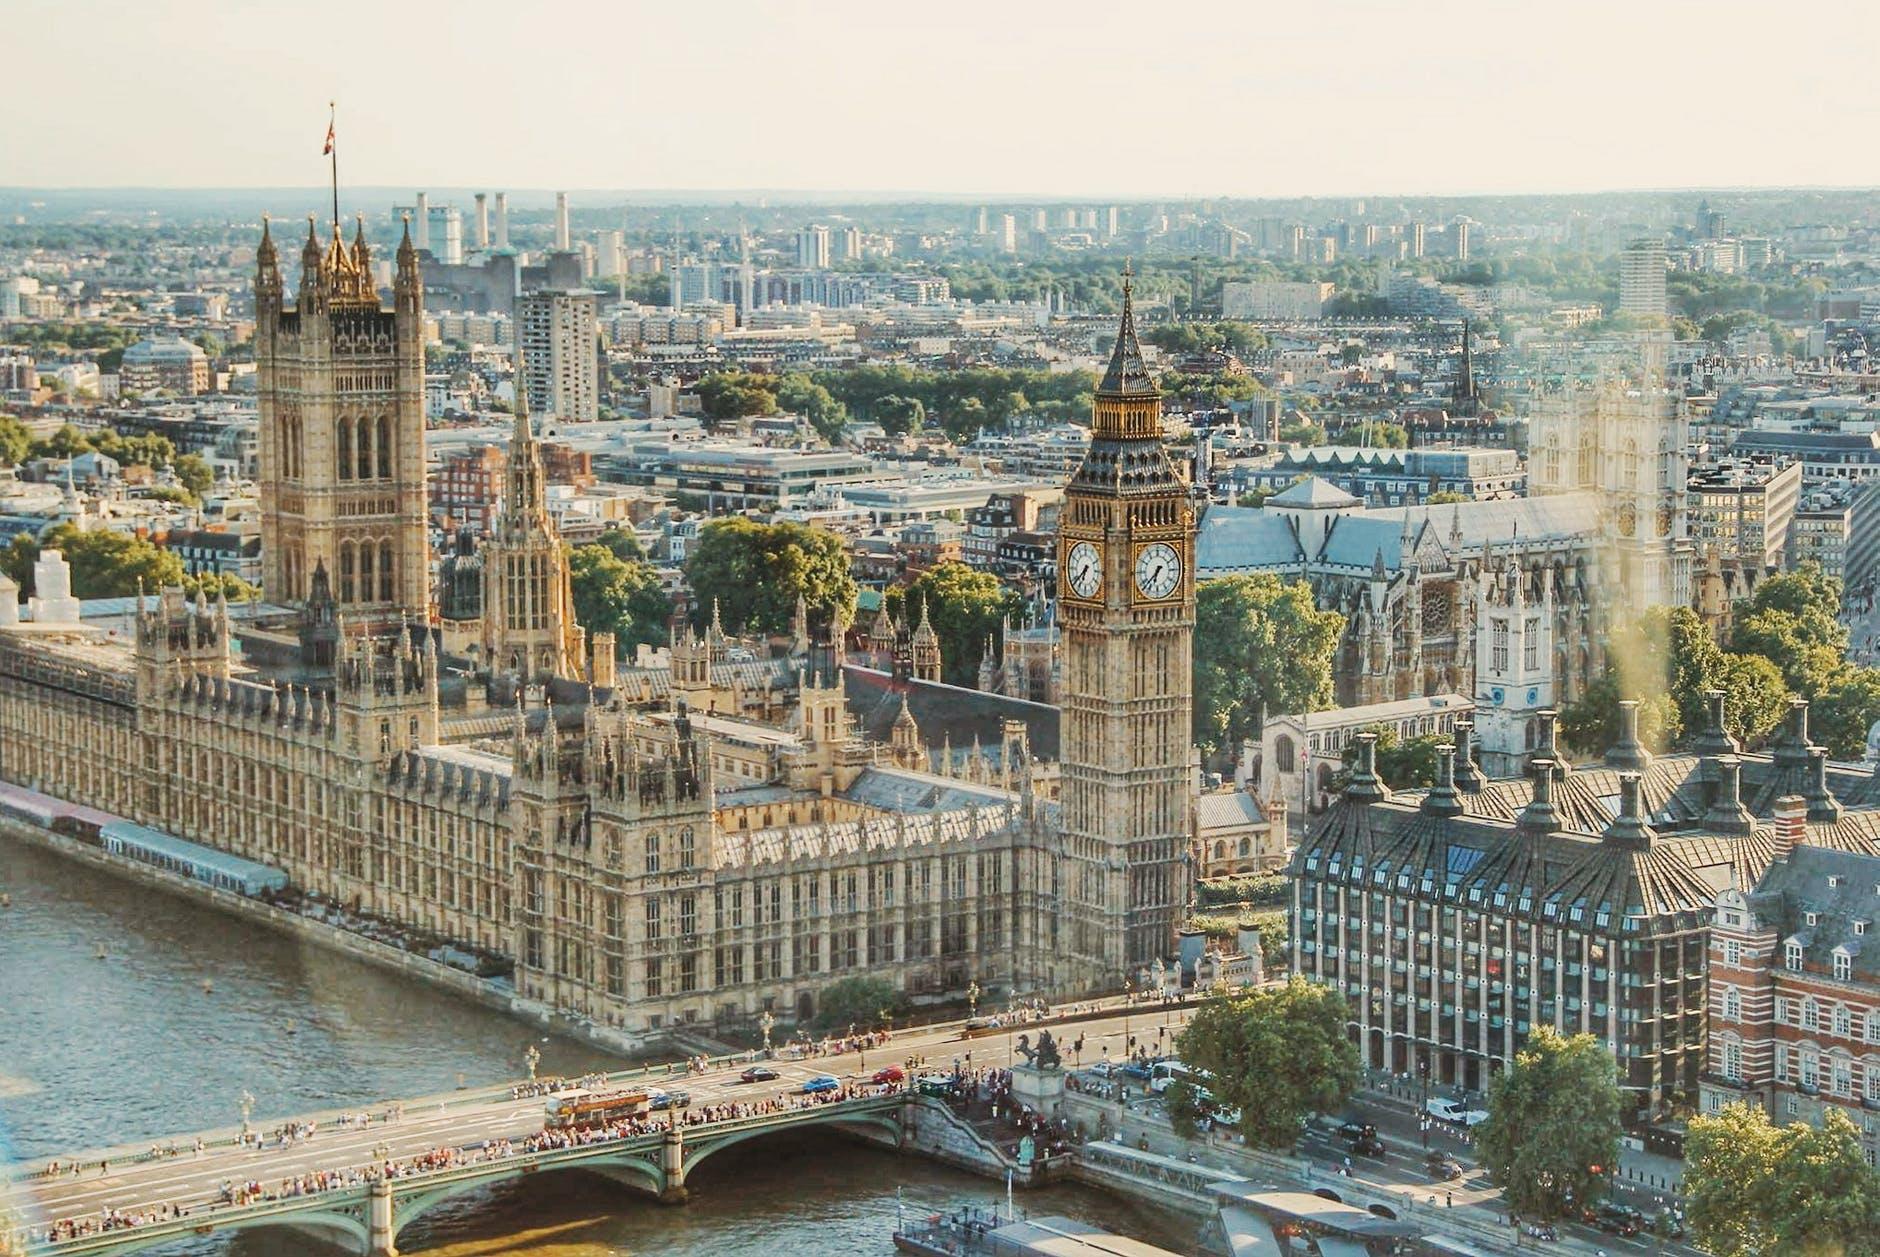 EC İngiltere Merkezlerinde İndirimler Devam Ediyor!